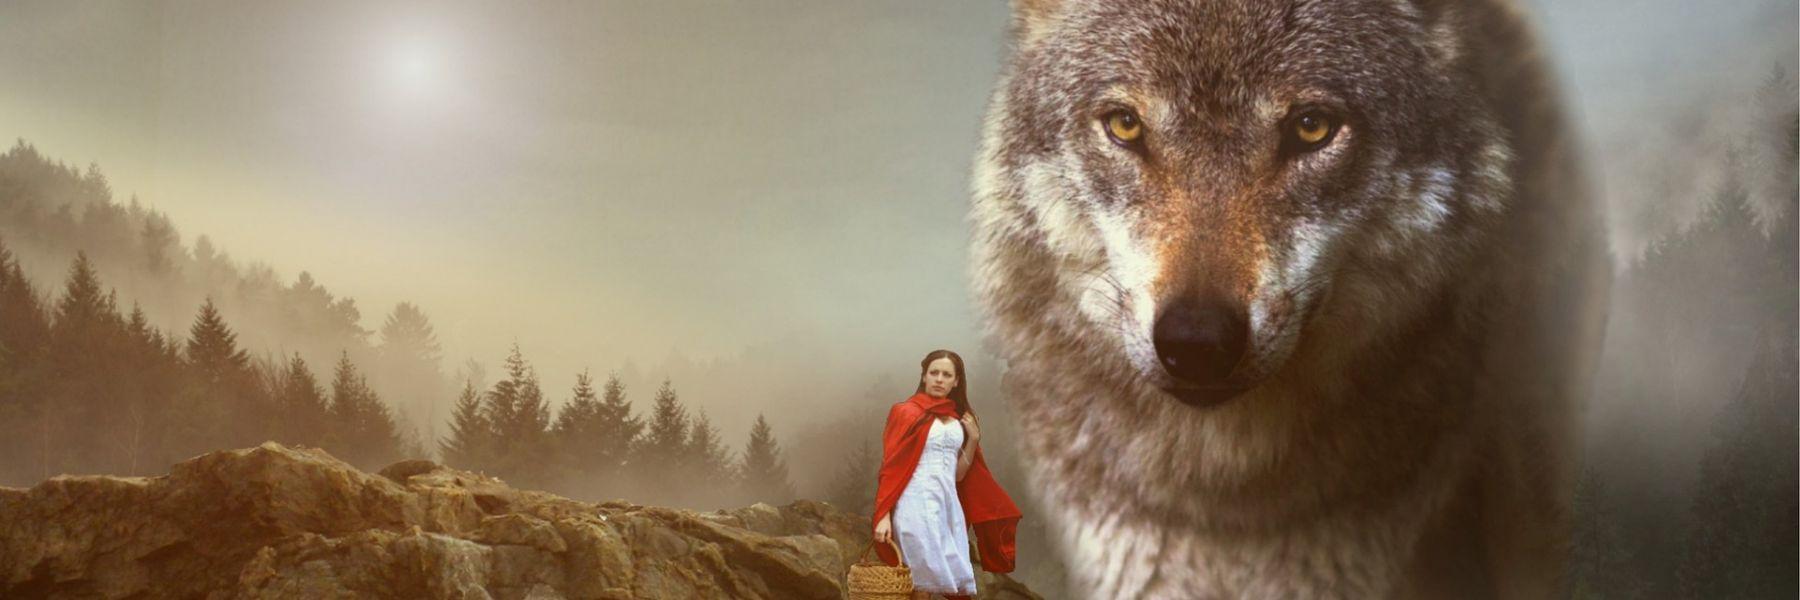 Rotkäuferlein und der böse Fachbereichswolf